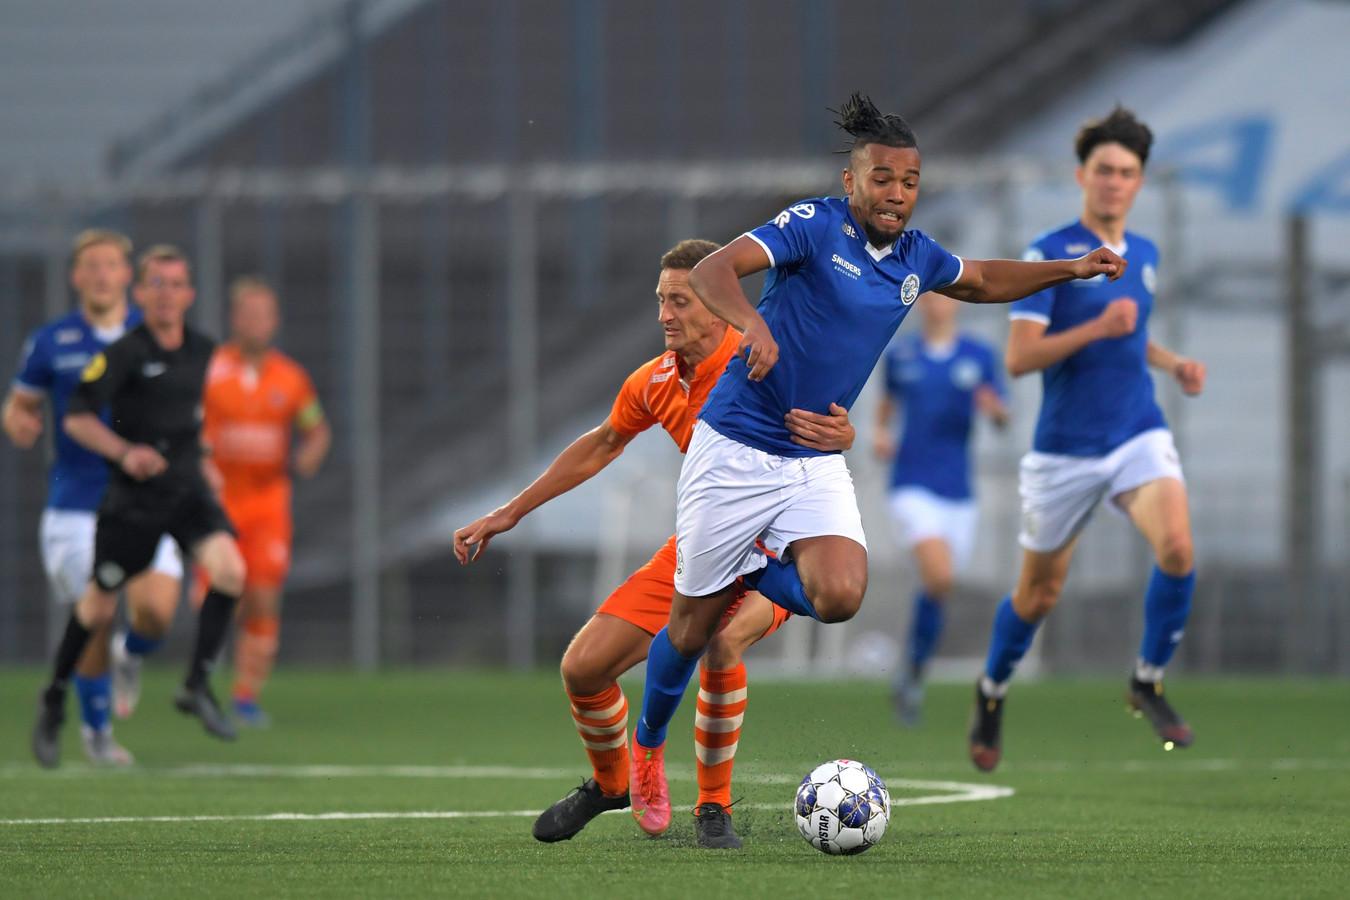 TEC-verdediger Tom van der Neut begaat een overtreding om Ryan Trotman van FC Den Bosch af te stoppen.